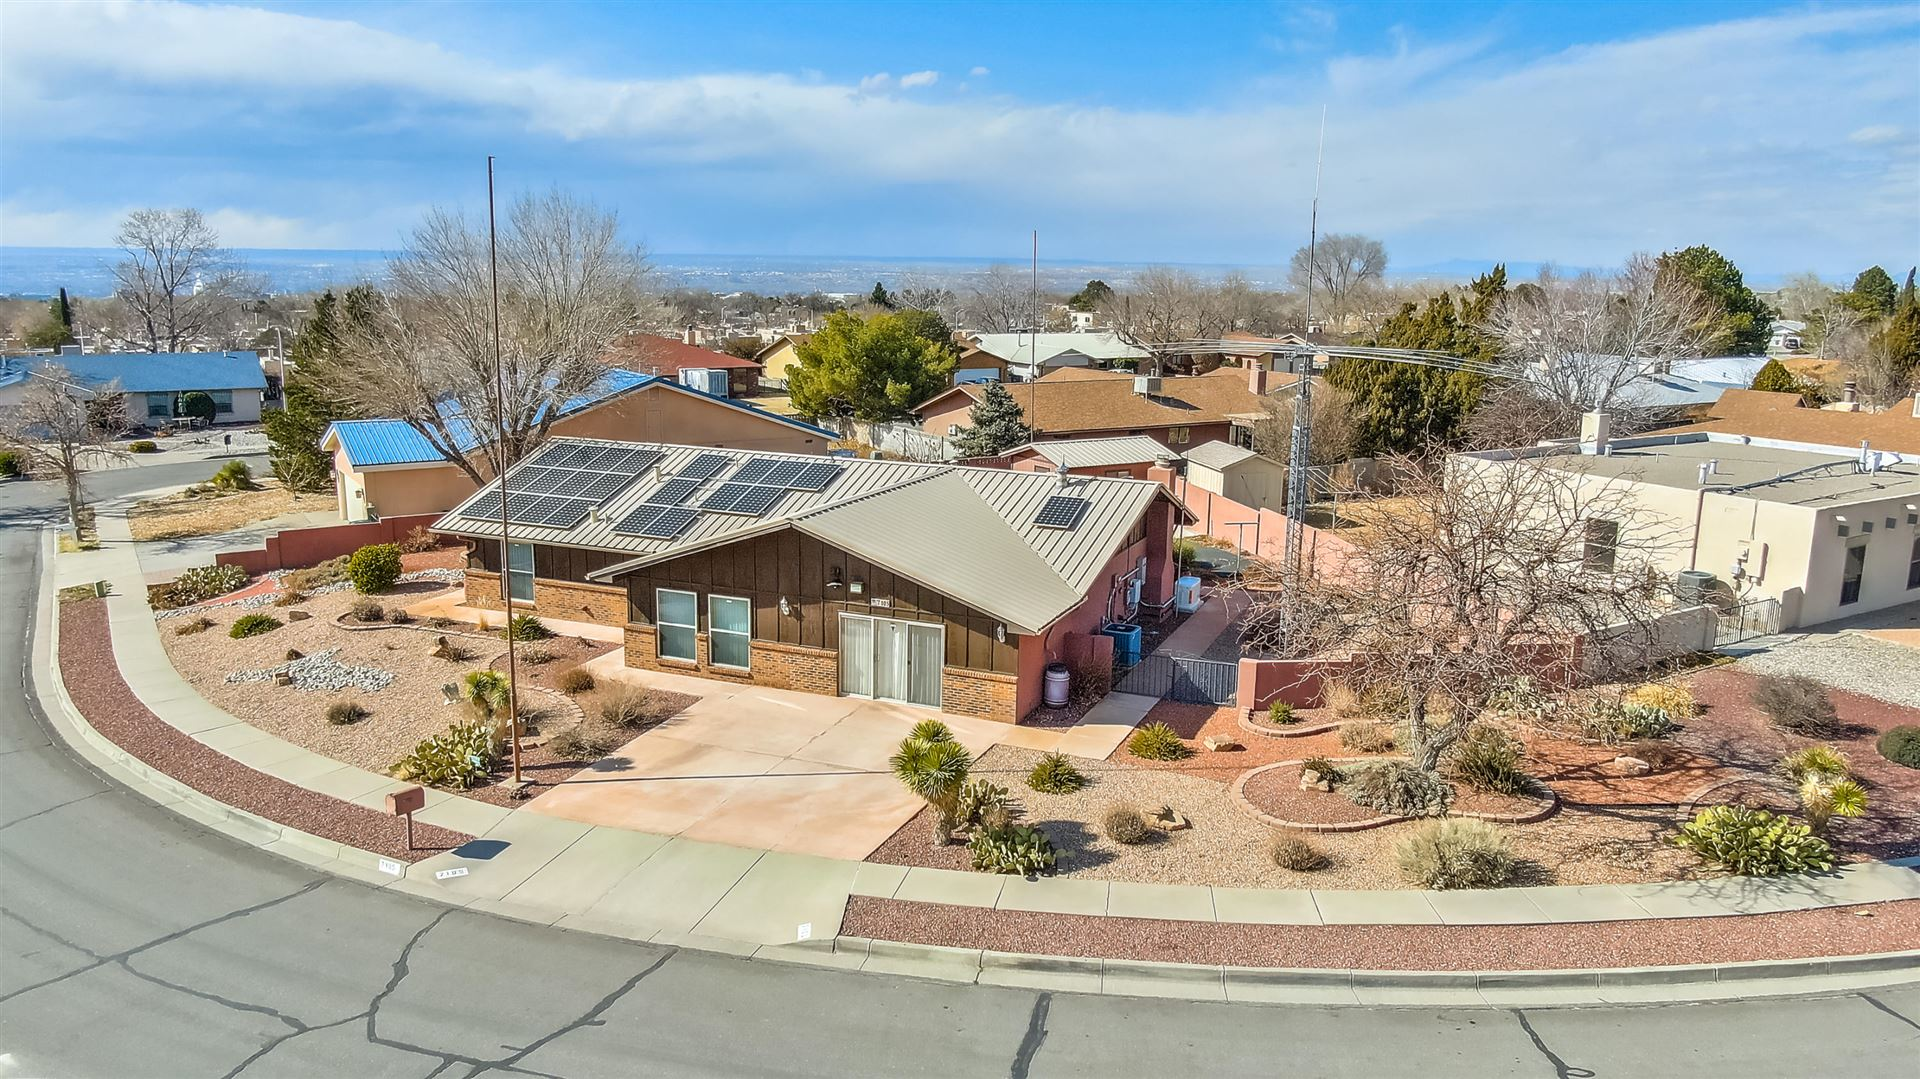 7105 TICONDEROGA Road NE, Albuquerque, NM 87109 - MLS#: 986642